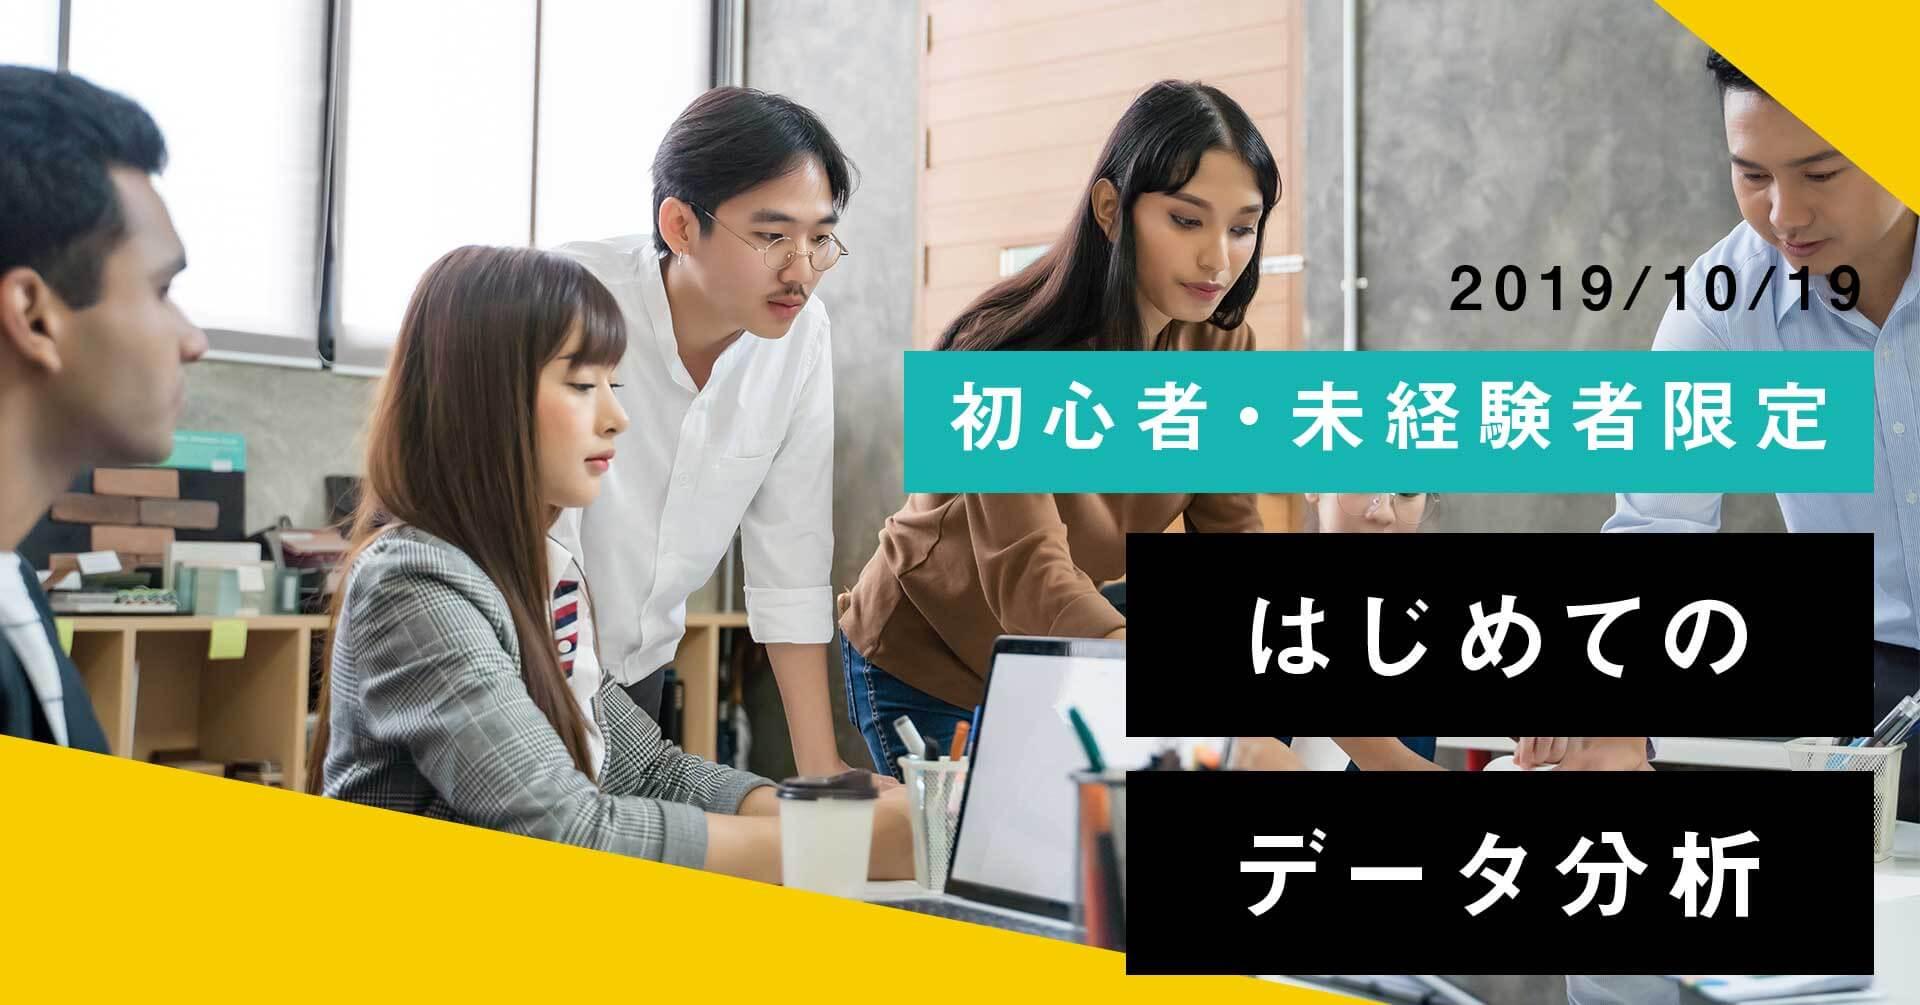 初心者、未経験者限定! 「AI人材」を目指す実践型ハンズオン開催!